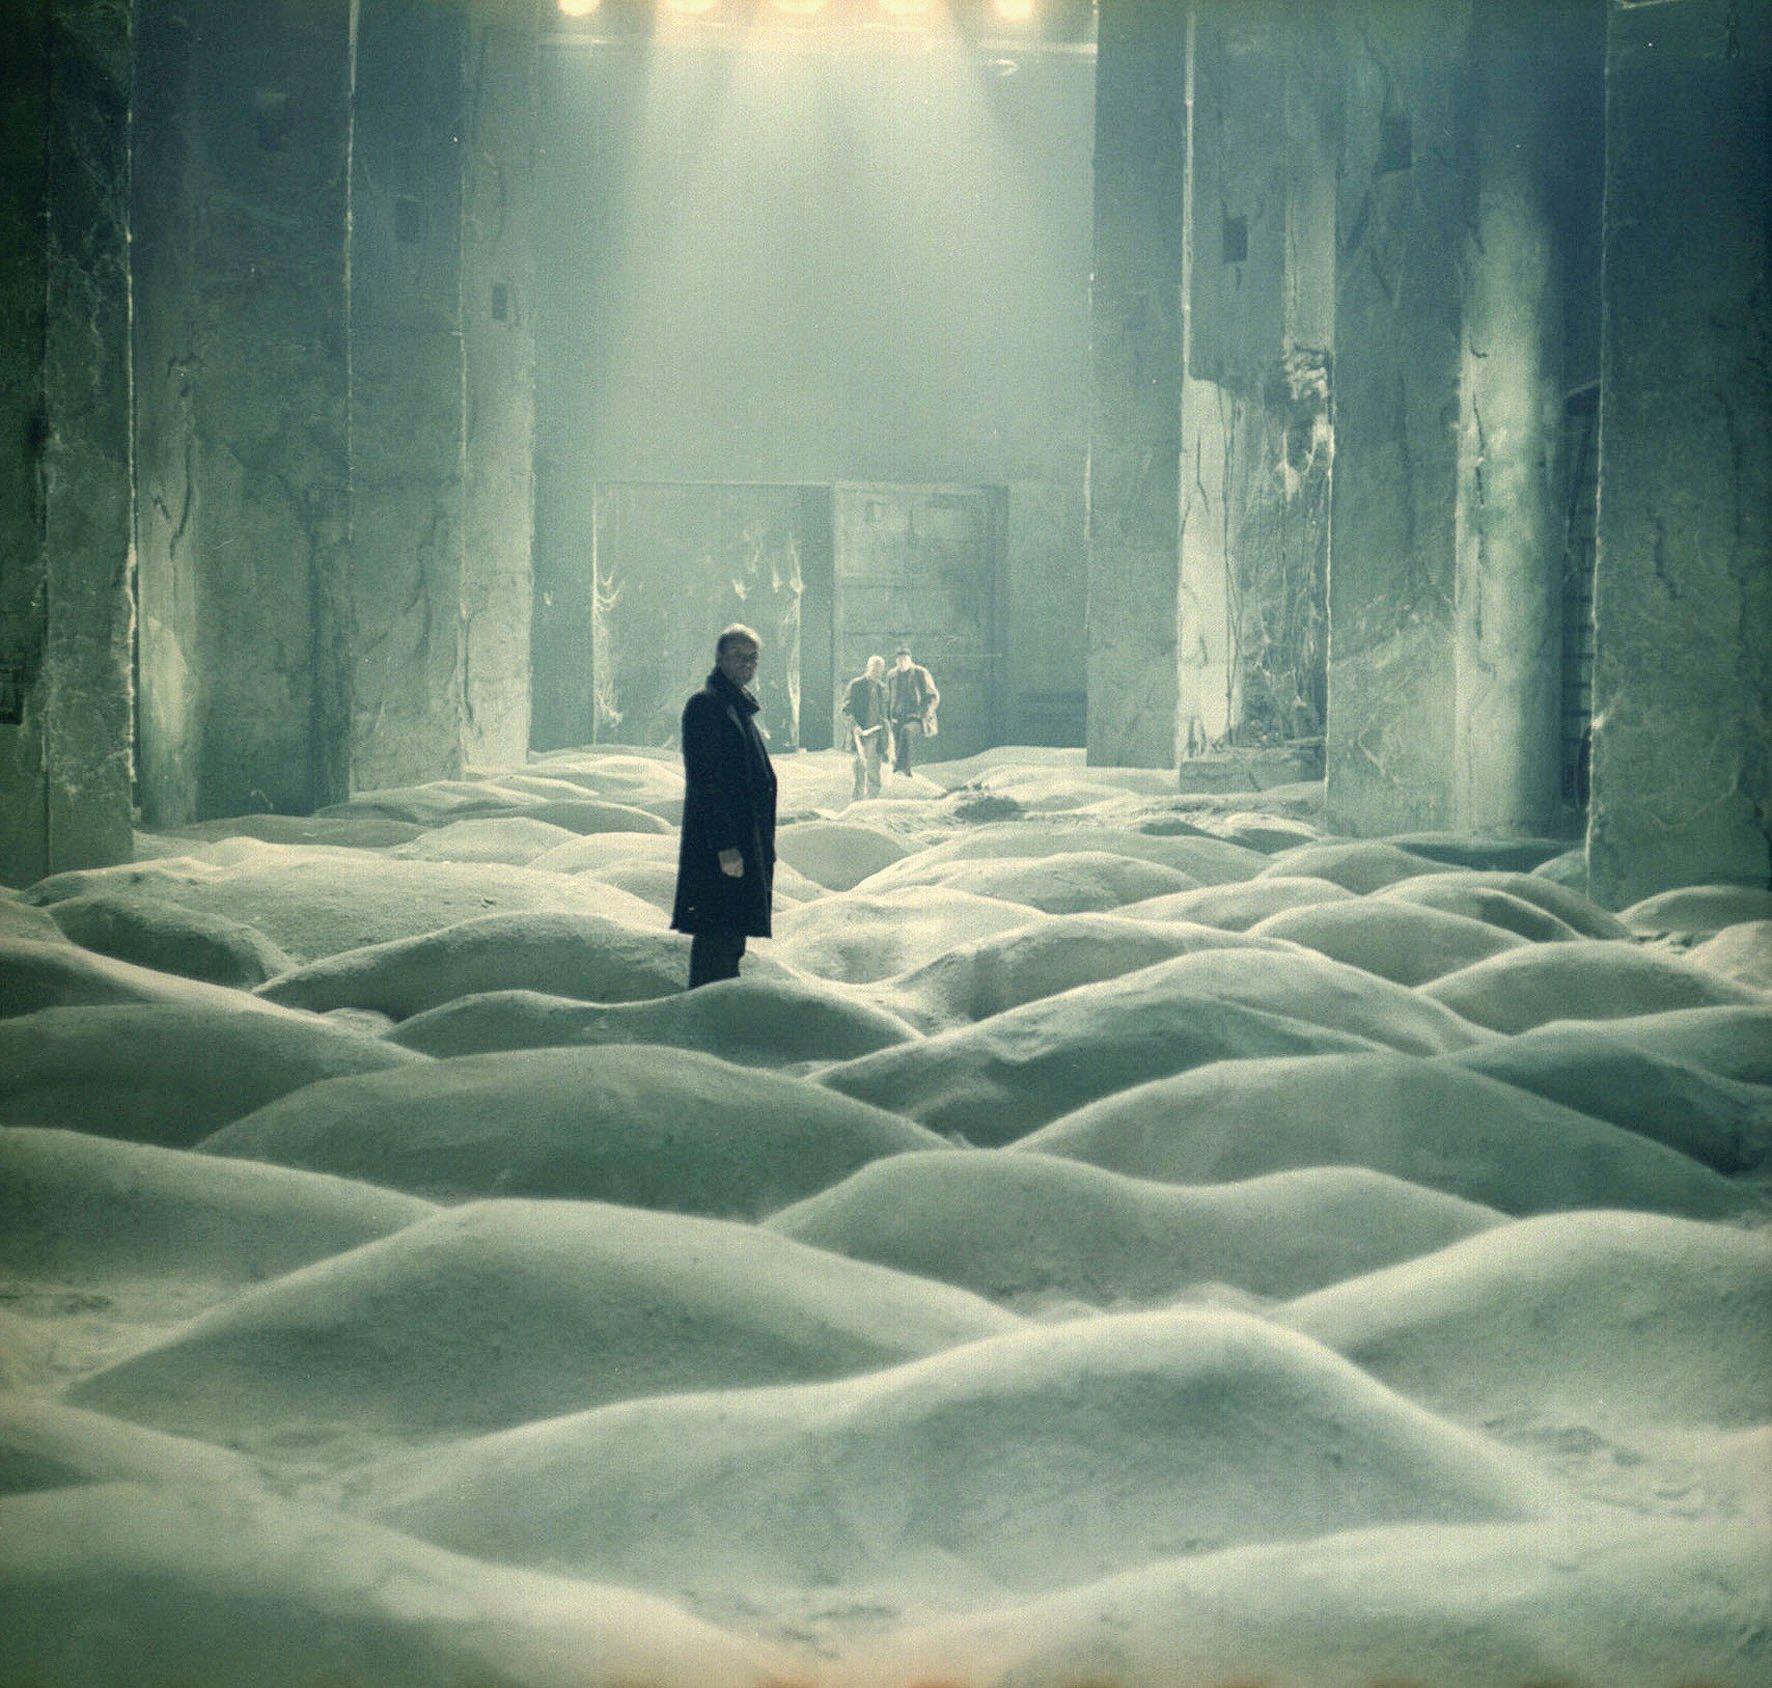 Andrey Tarkovsky, still from the Stalker, 1979.